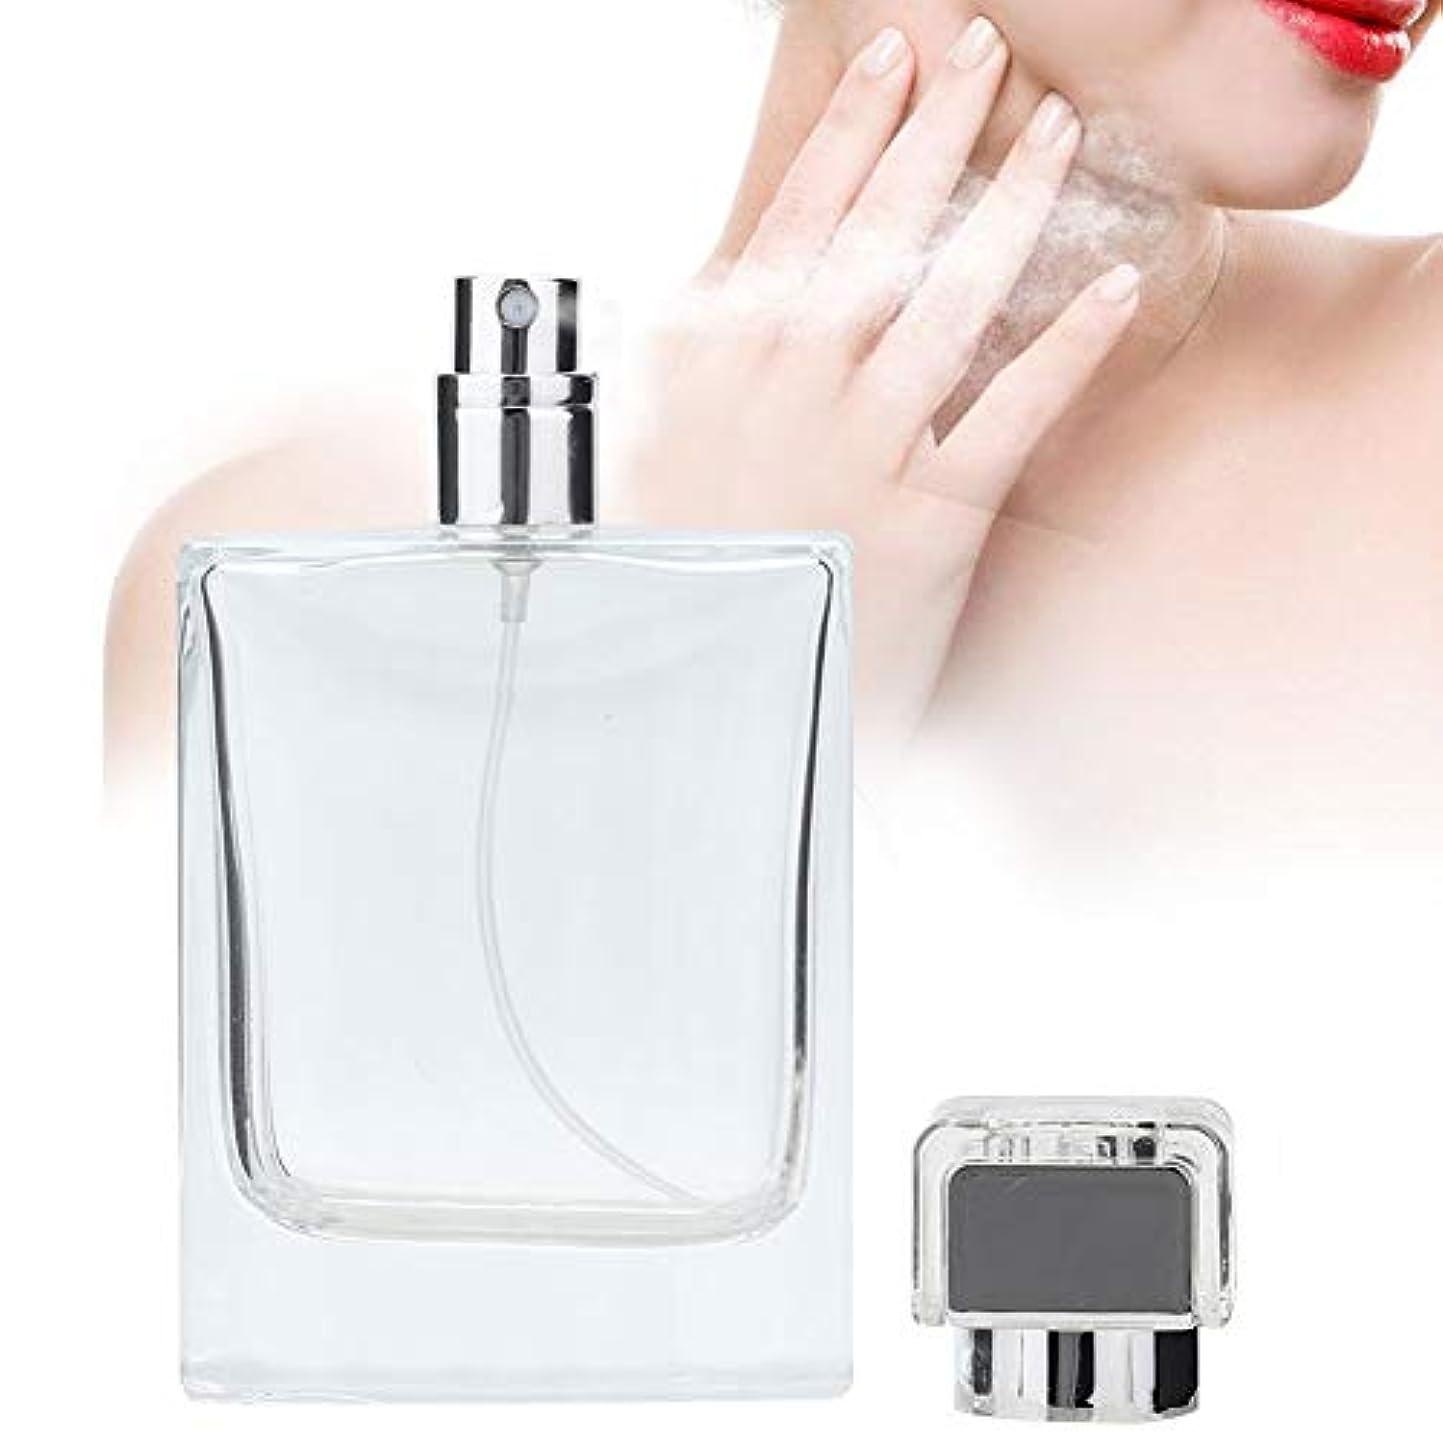 100 ML ガラス 詰め替え 香水スプレーボトル 空の香水アトマイザーディスペンサーボトル